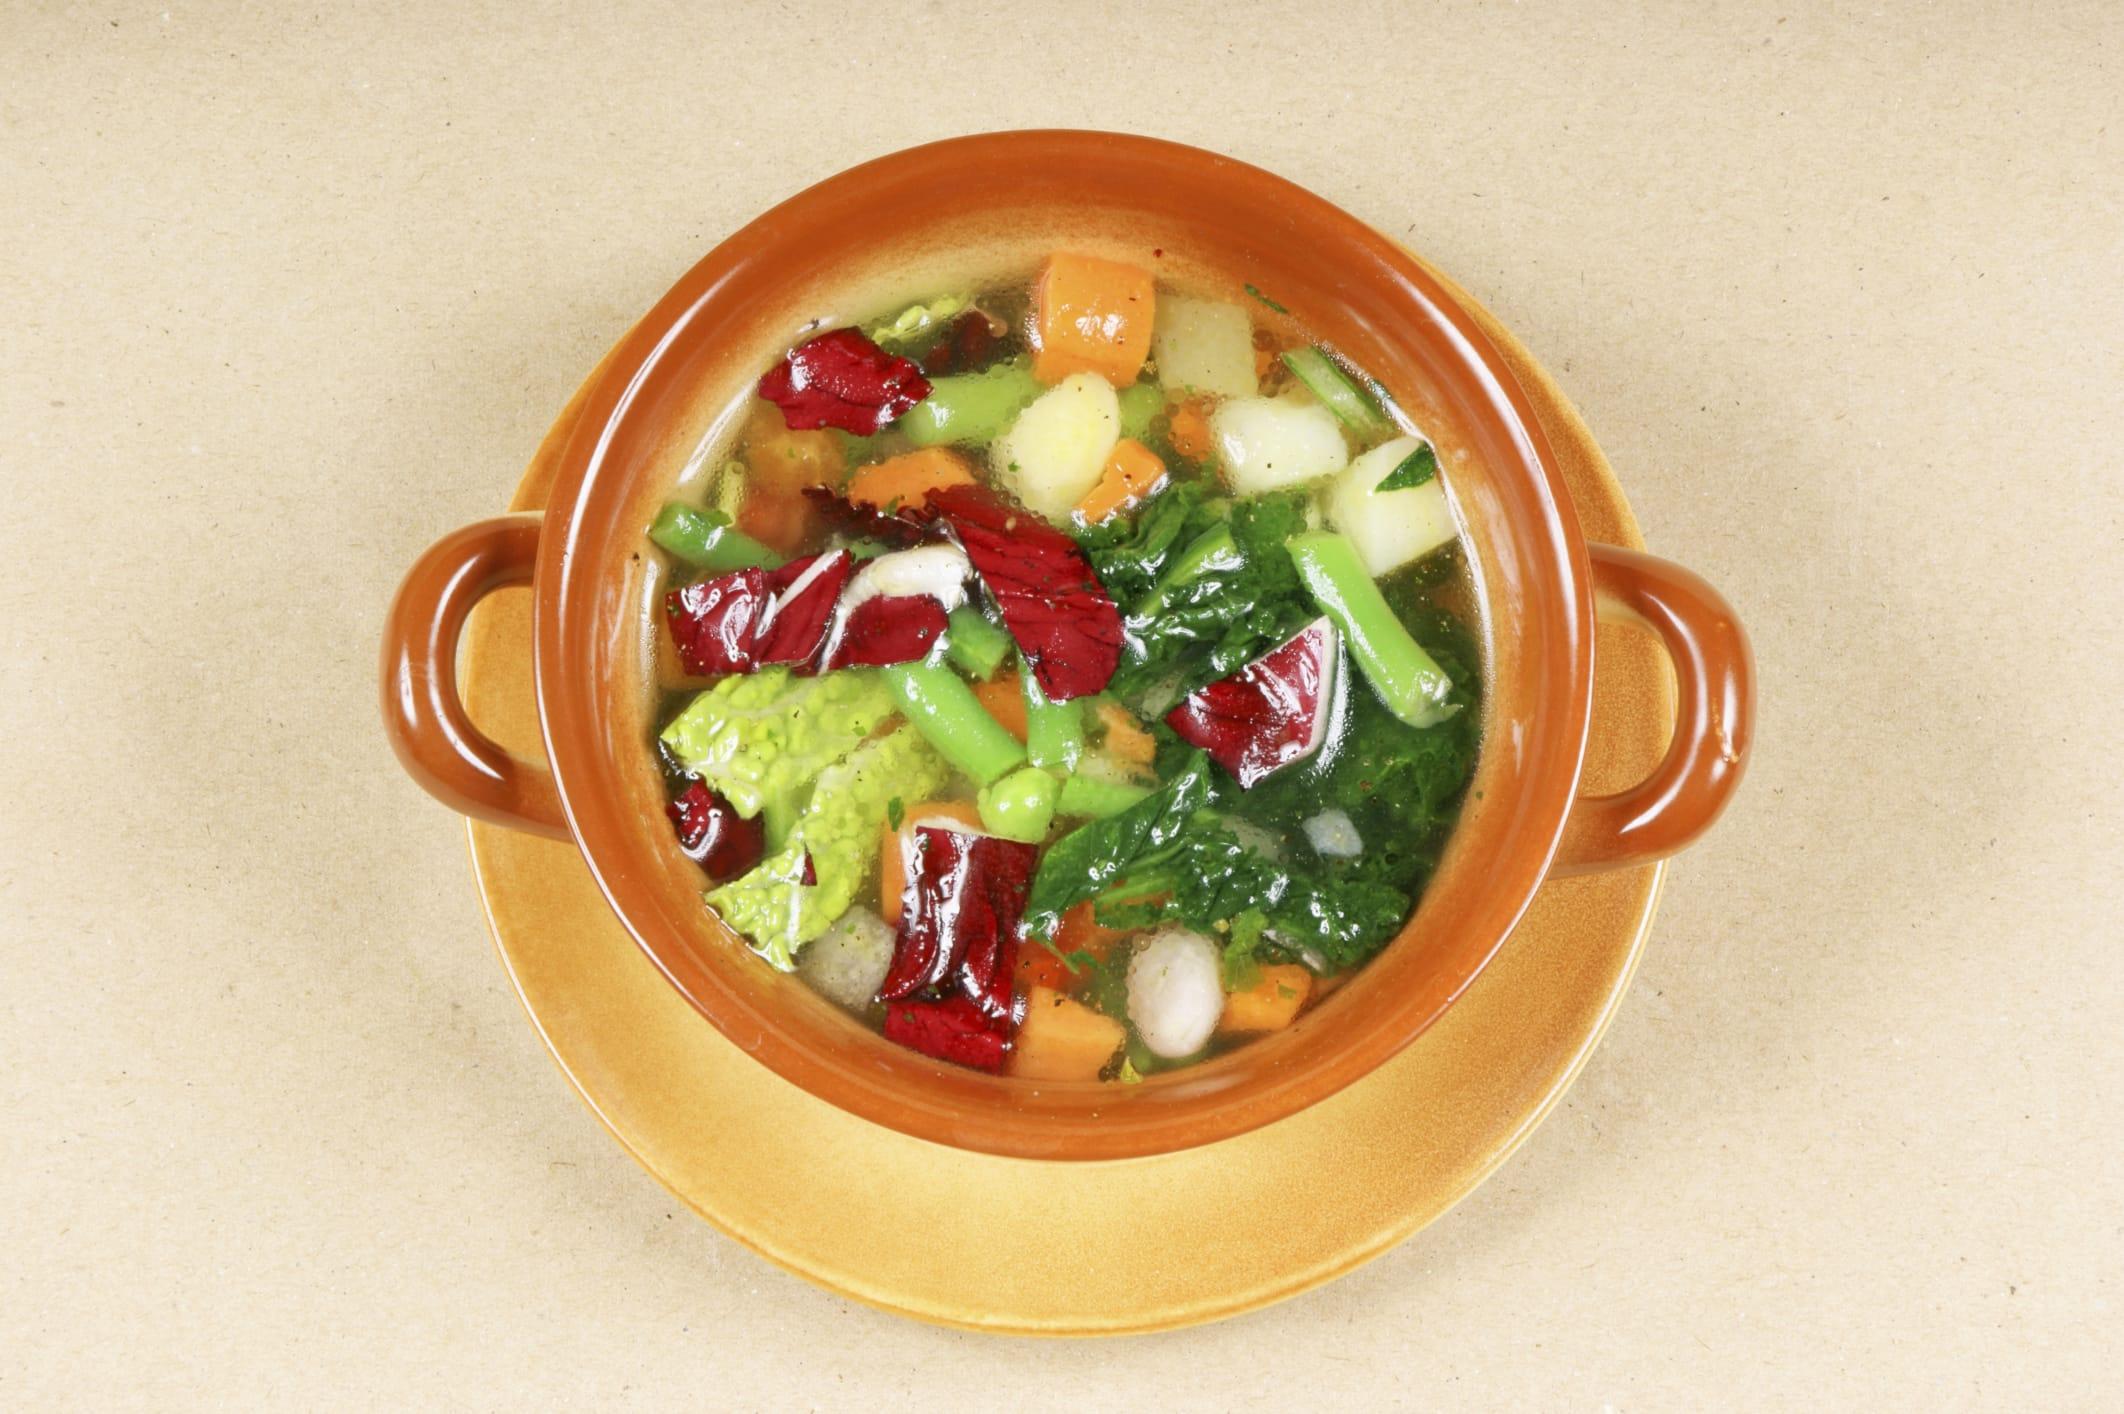 La ricetta per preparare una minestra di patate con cicoria catalogna